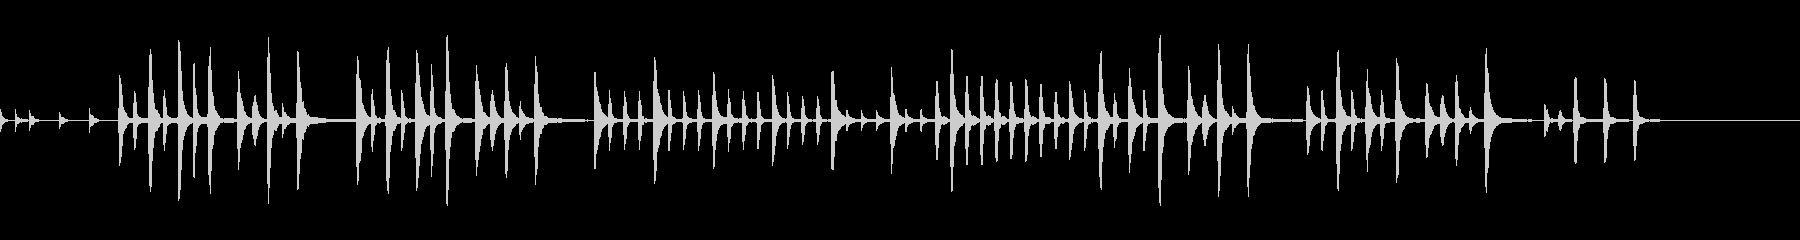 シンプルなピアノソロ(無機質な感じ)の未再生の波形